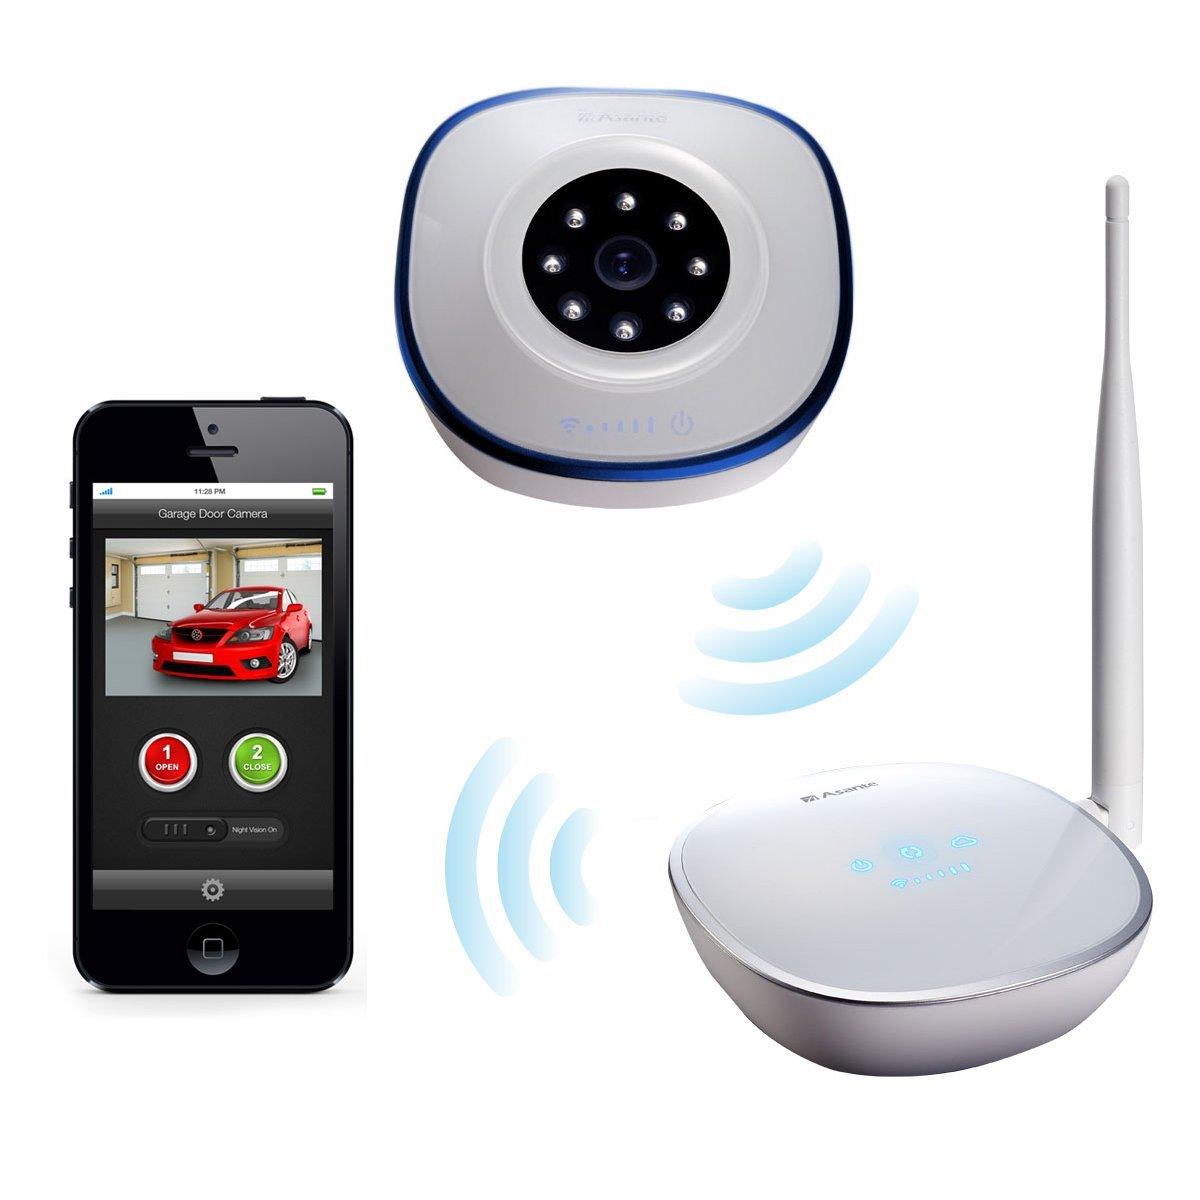 Garage Door Sensors Have No Lights: Garage Door Opener With Camera Kit + Sensor